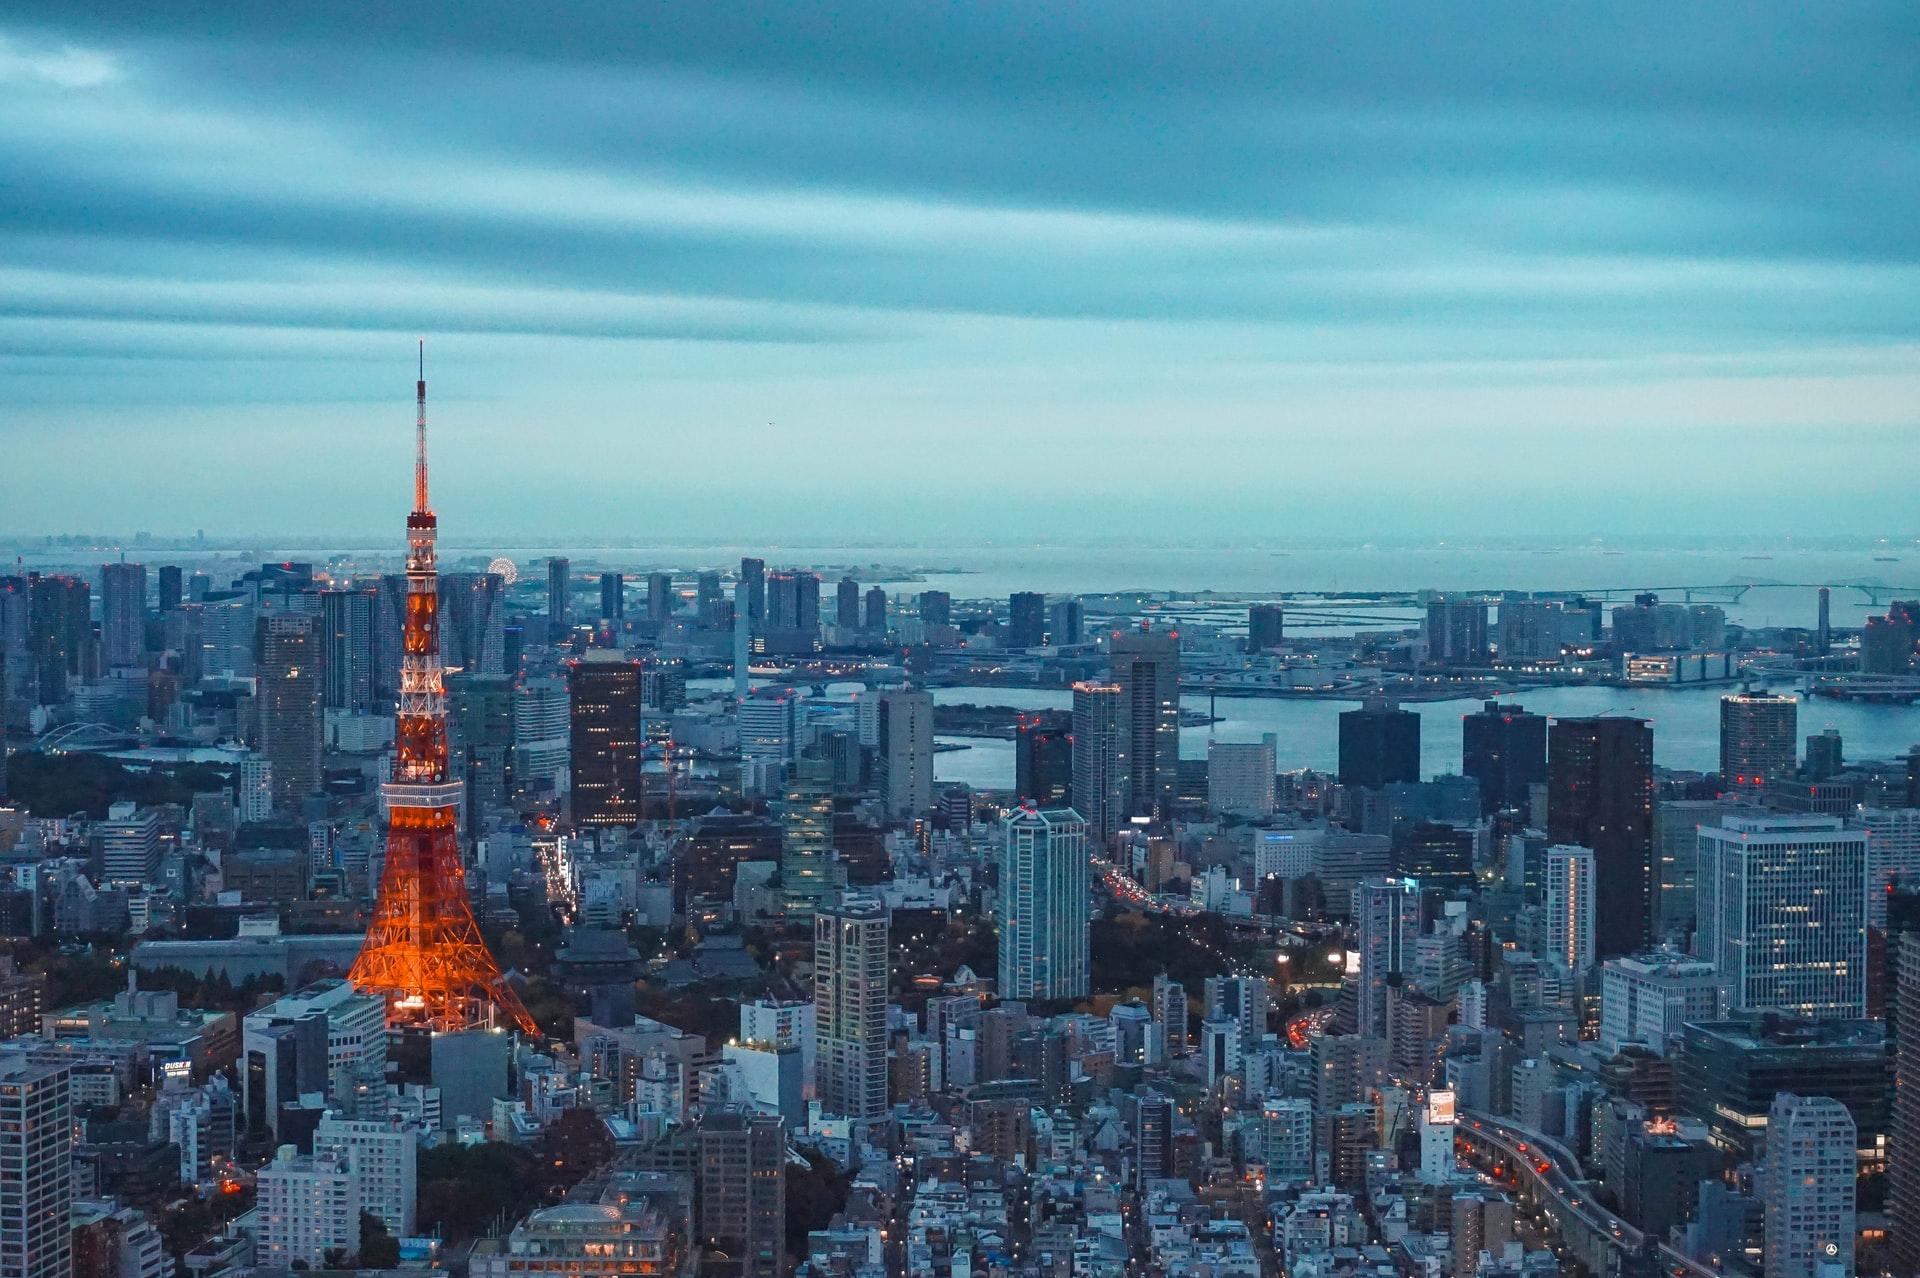 世界各国のジニ係数とは?世界のジニ係数推移からわかる日本の特徴